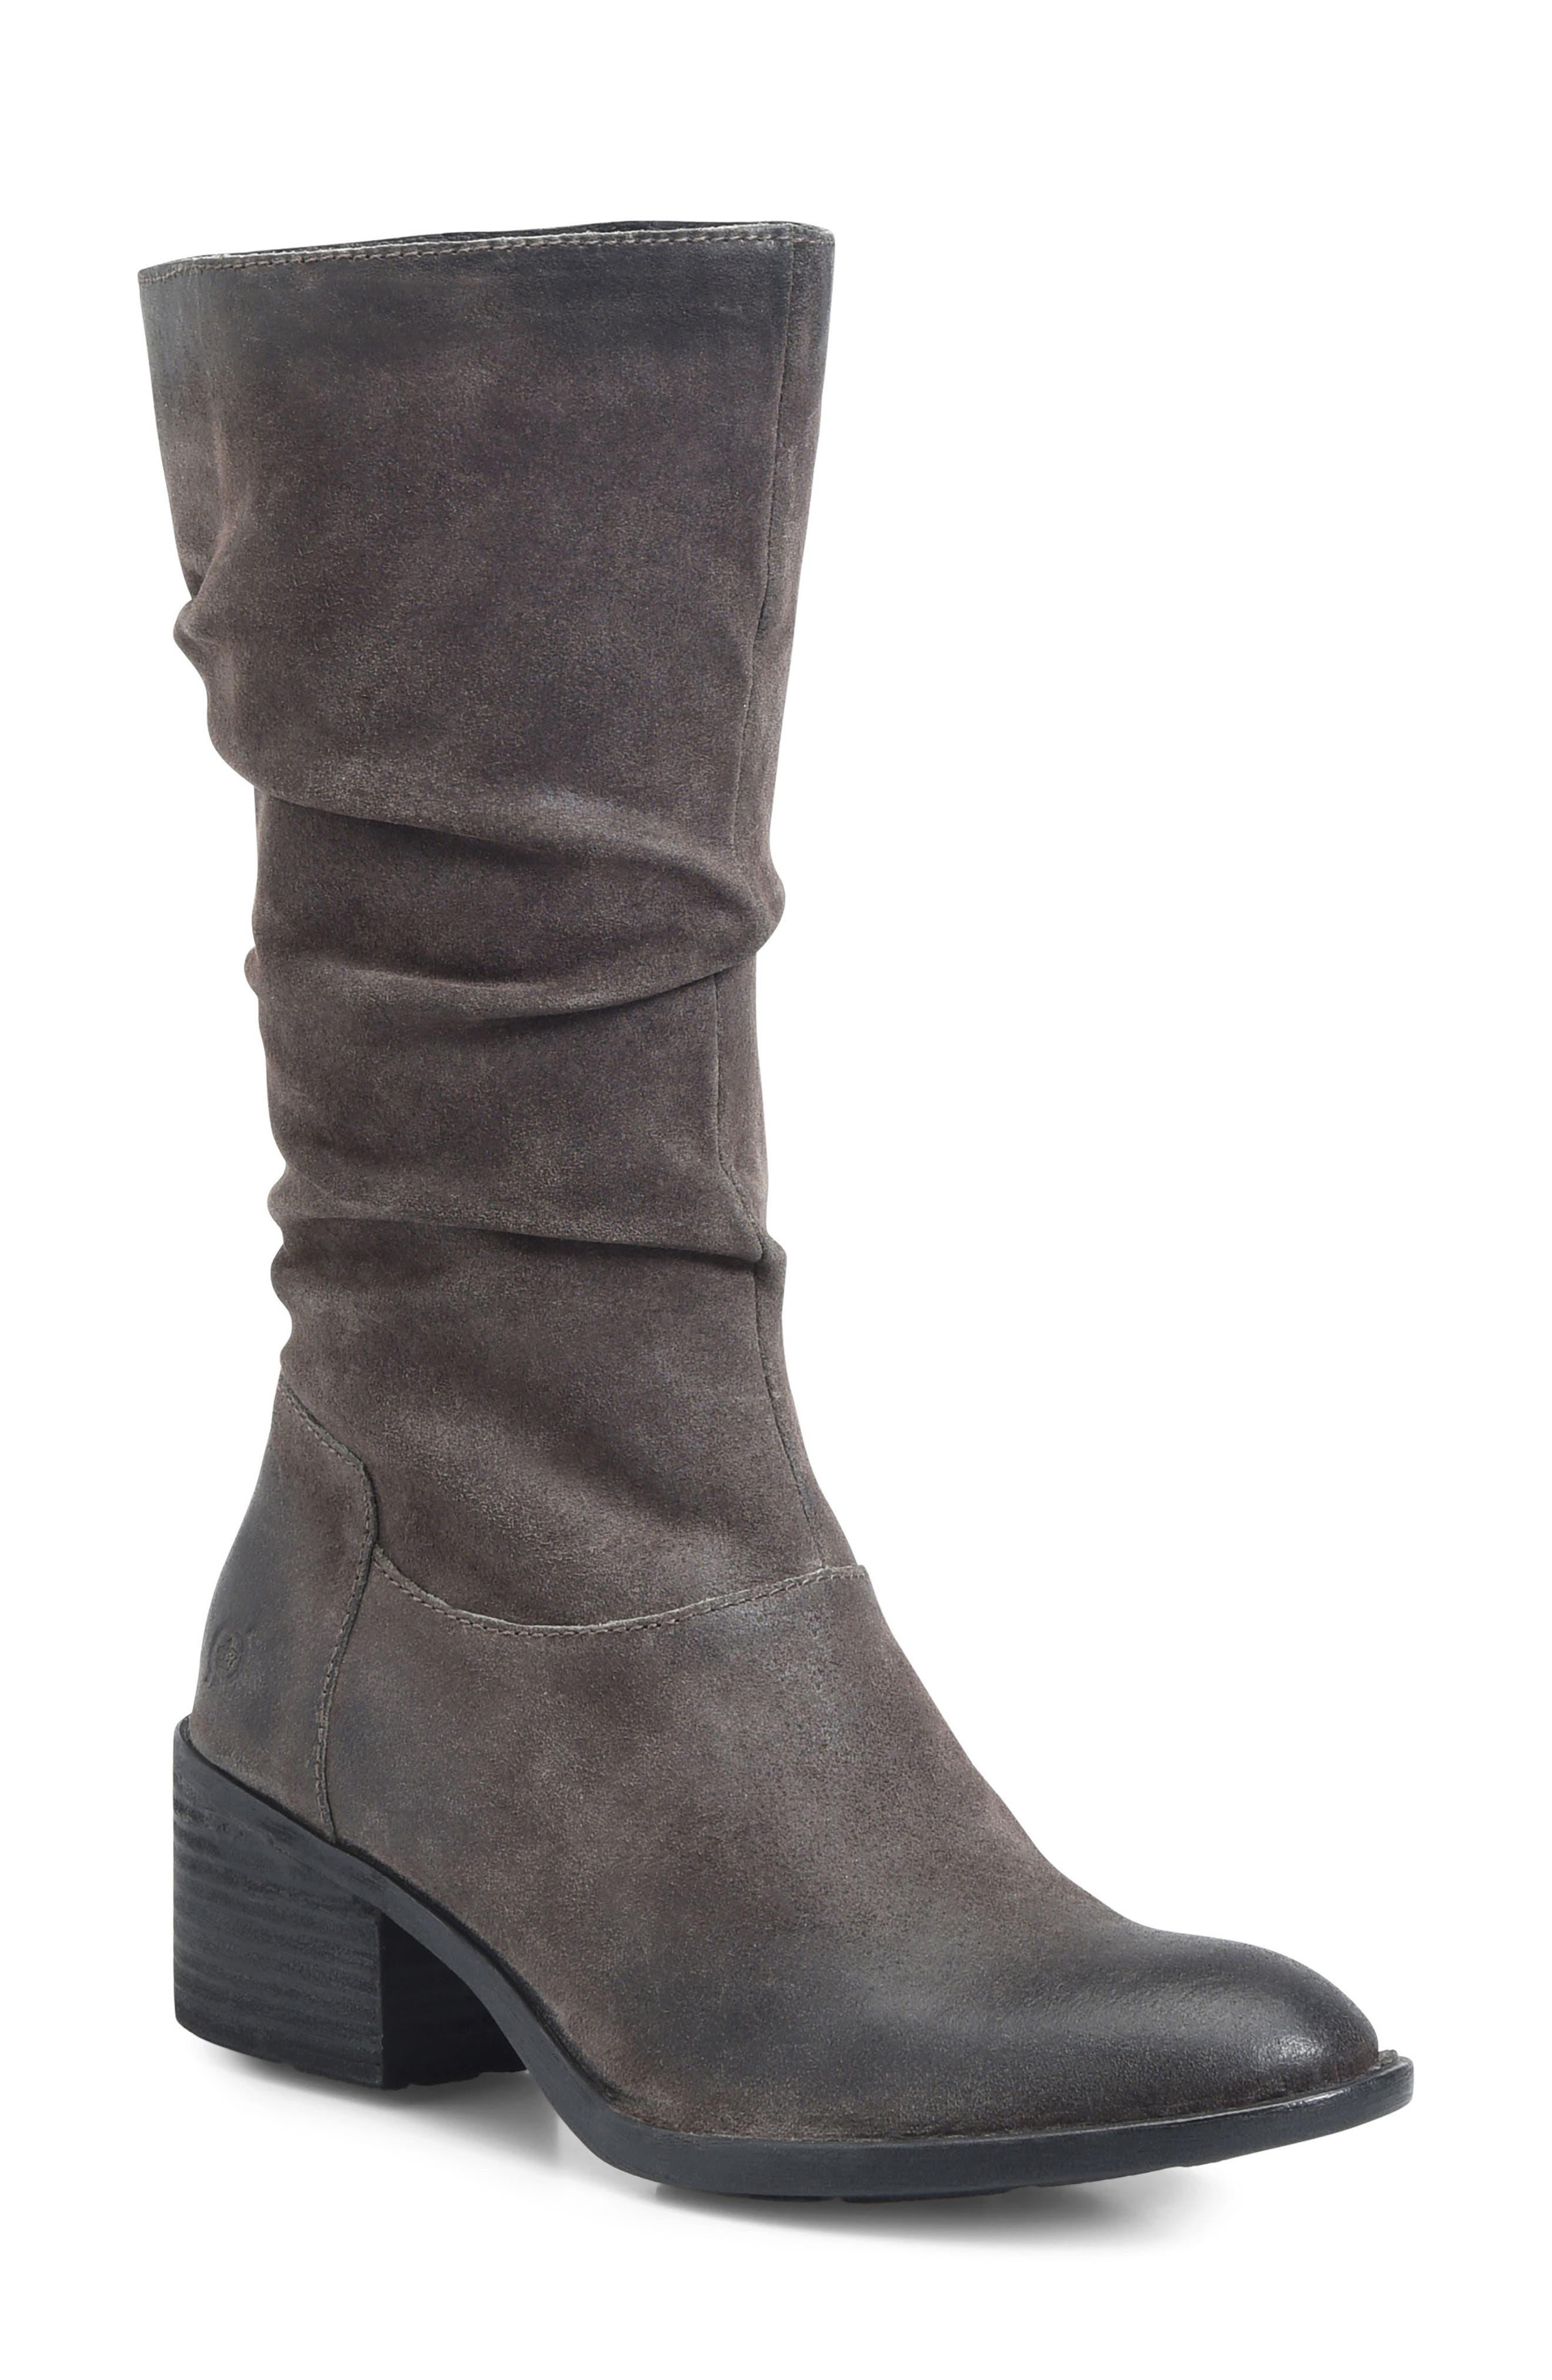 Børn Peavy Slouch Boot (Women)